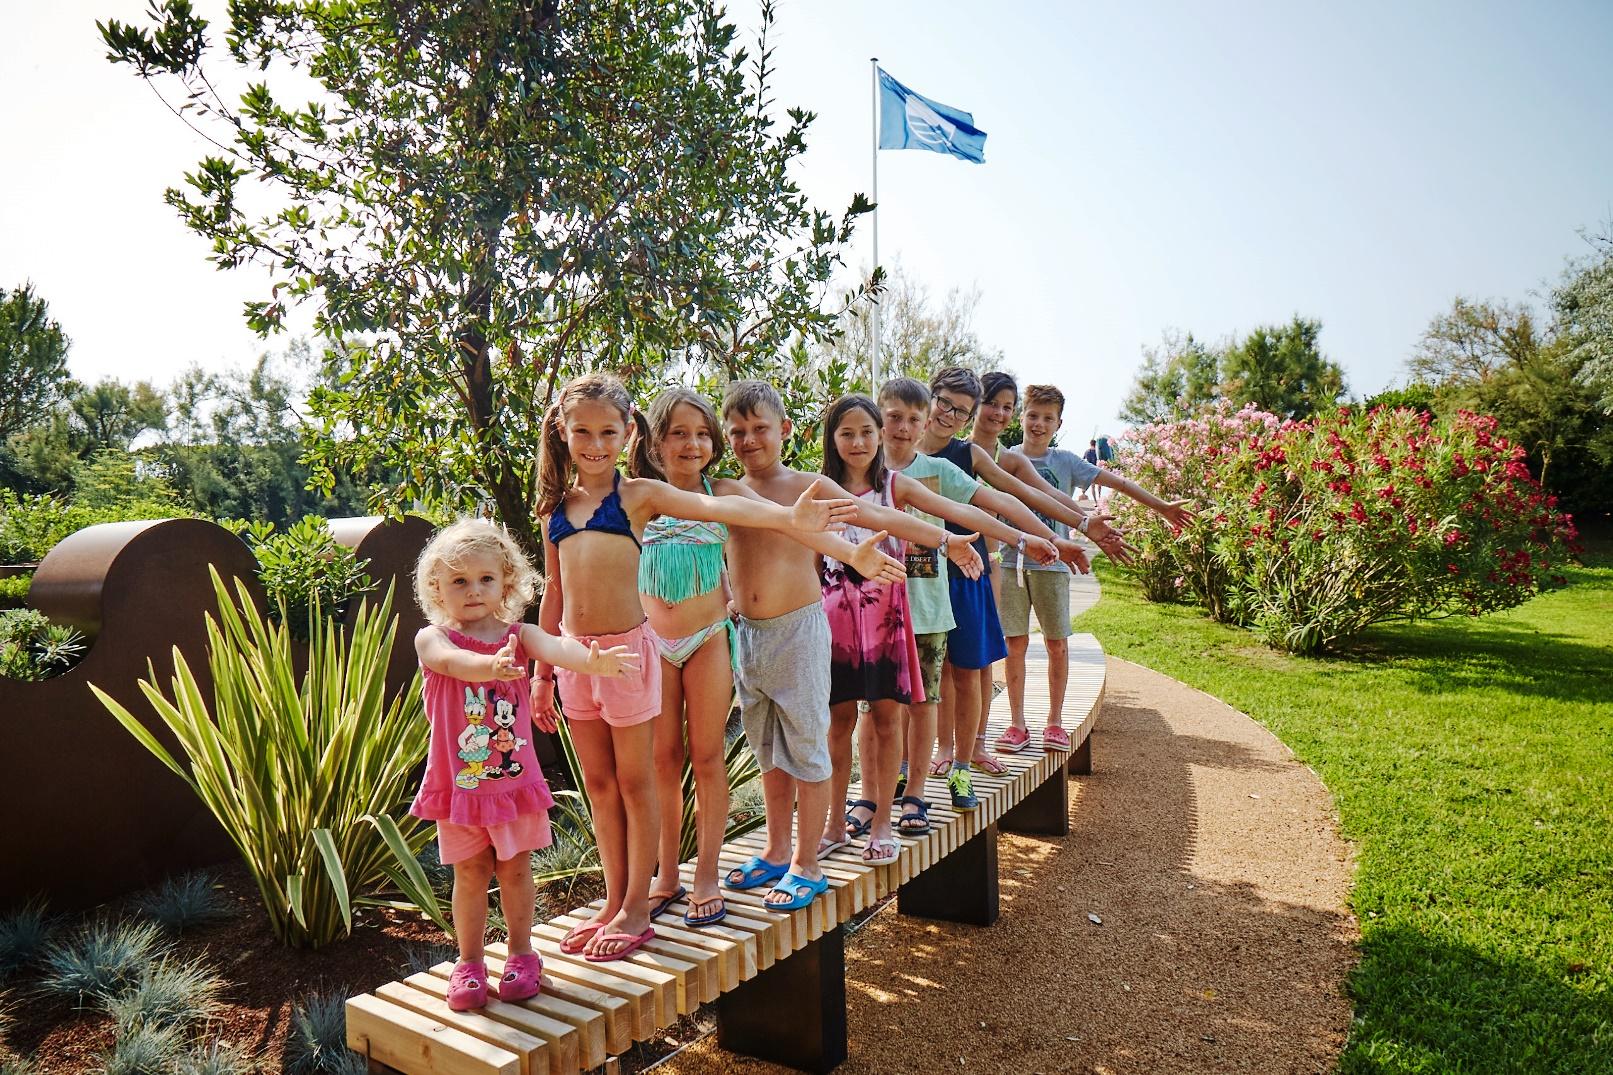 4 Kids have fun on holiday at Dei Fiori Camping - Venice Jesolo